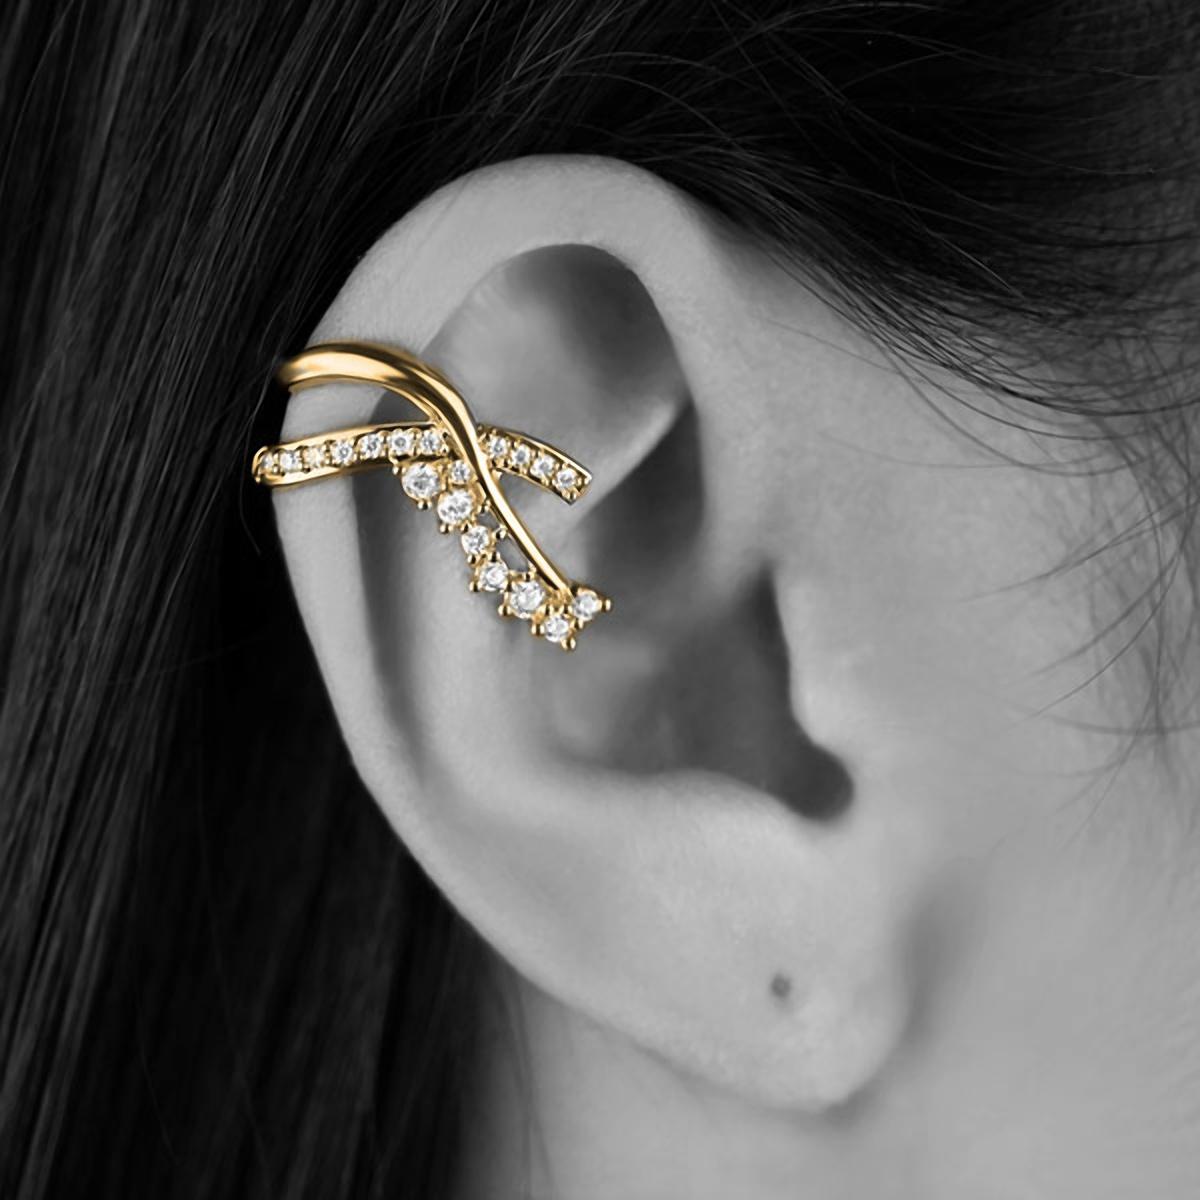 Brinco Piercing de Pressão Laço Semijoia em Ouro 18K com Zircônia Branca (par)  - Soloyou